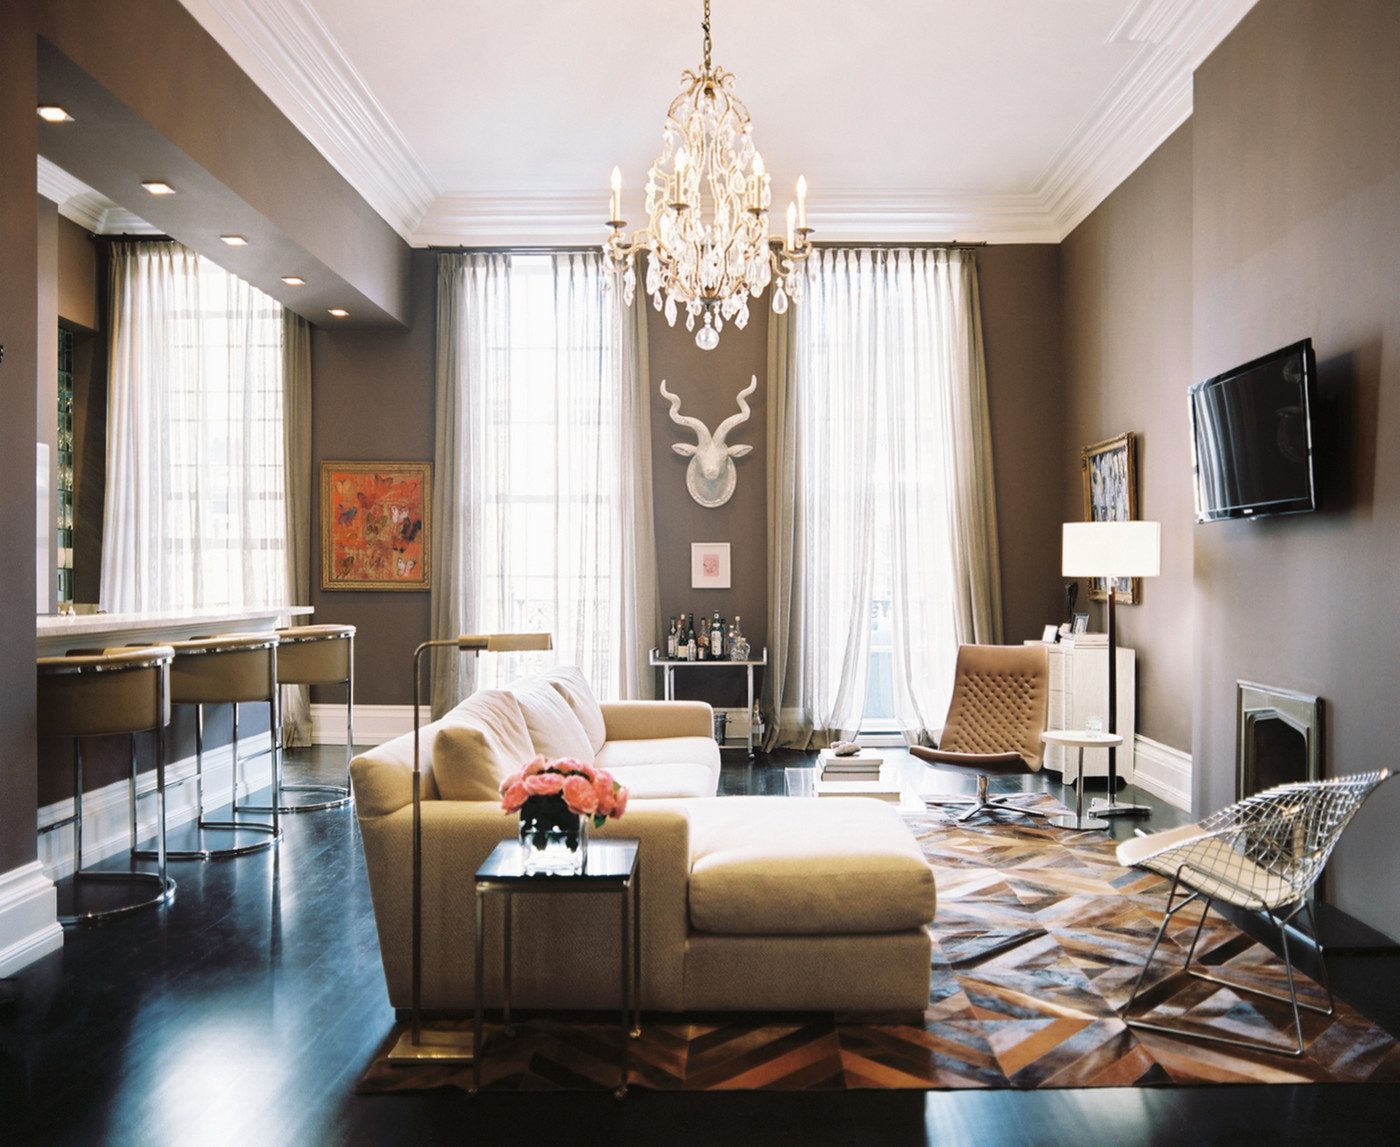 Martine-Chaisson-Apartment-01.jpg